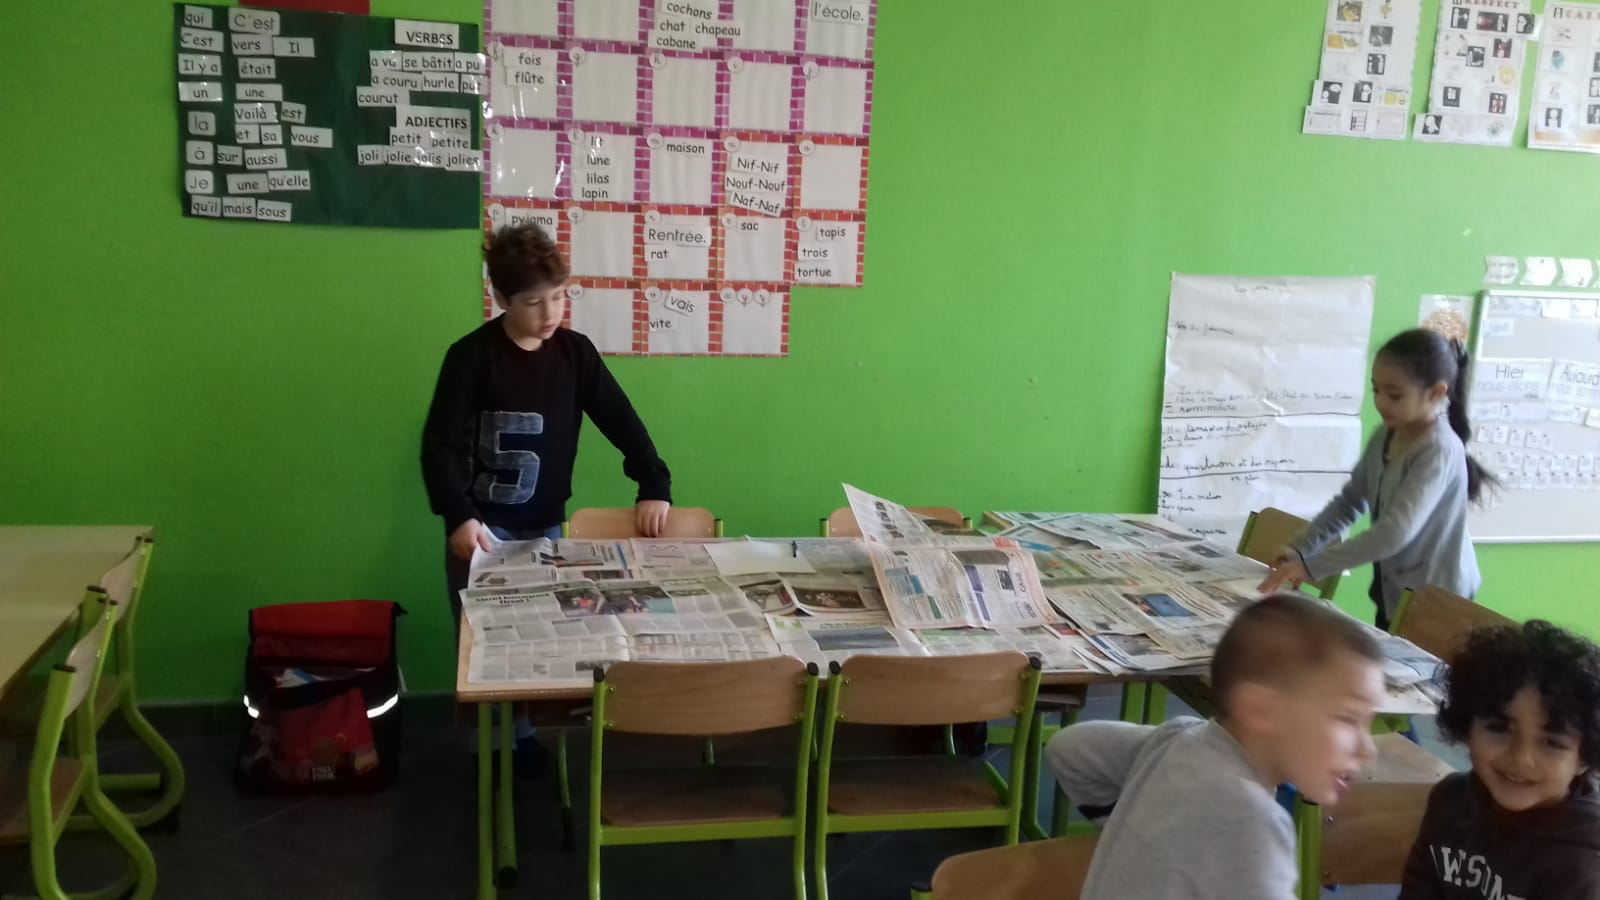 Le journal de l'école : première étape